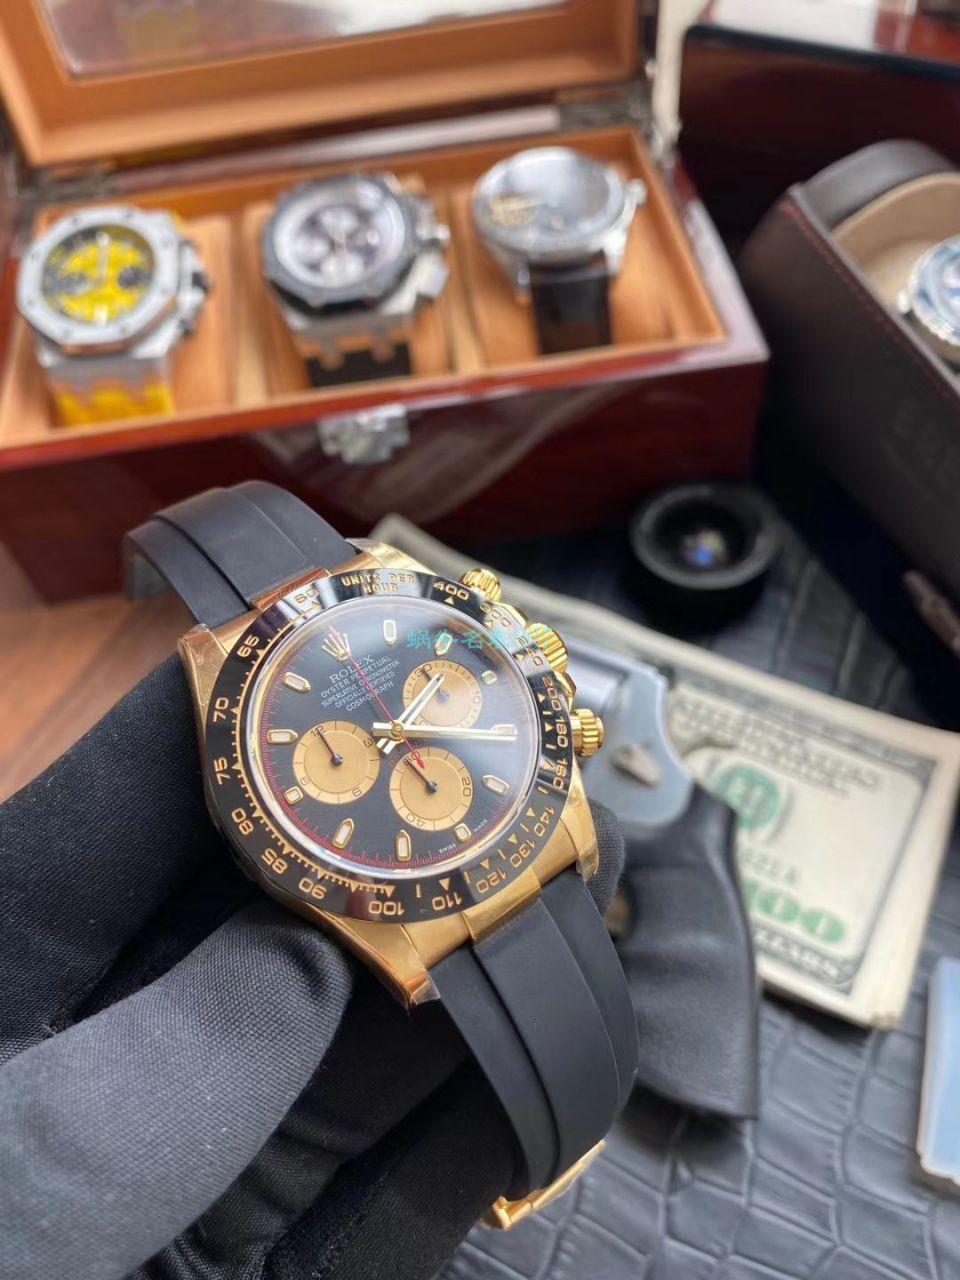 劳力士高仿手表价格【视频评测】最好的劳力士超A高仿手表 / Rgaofang